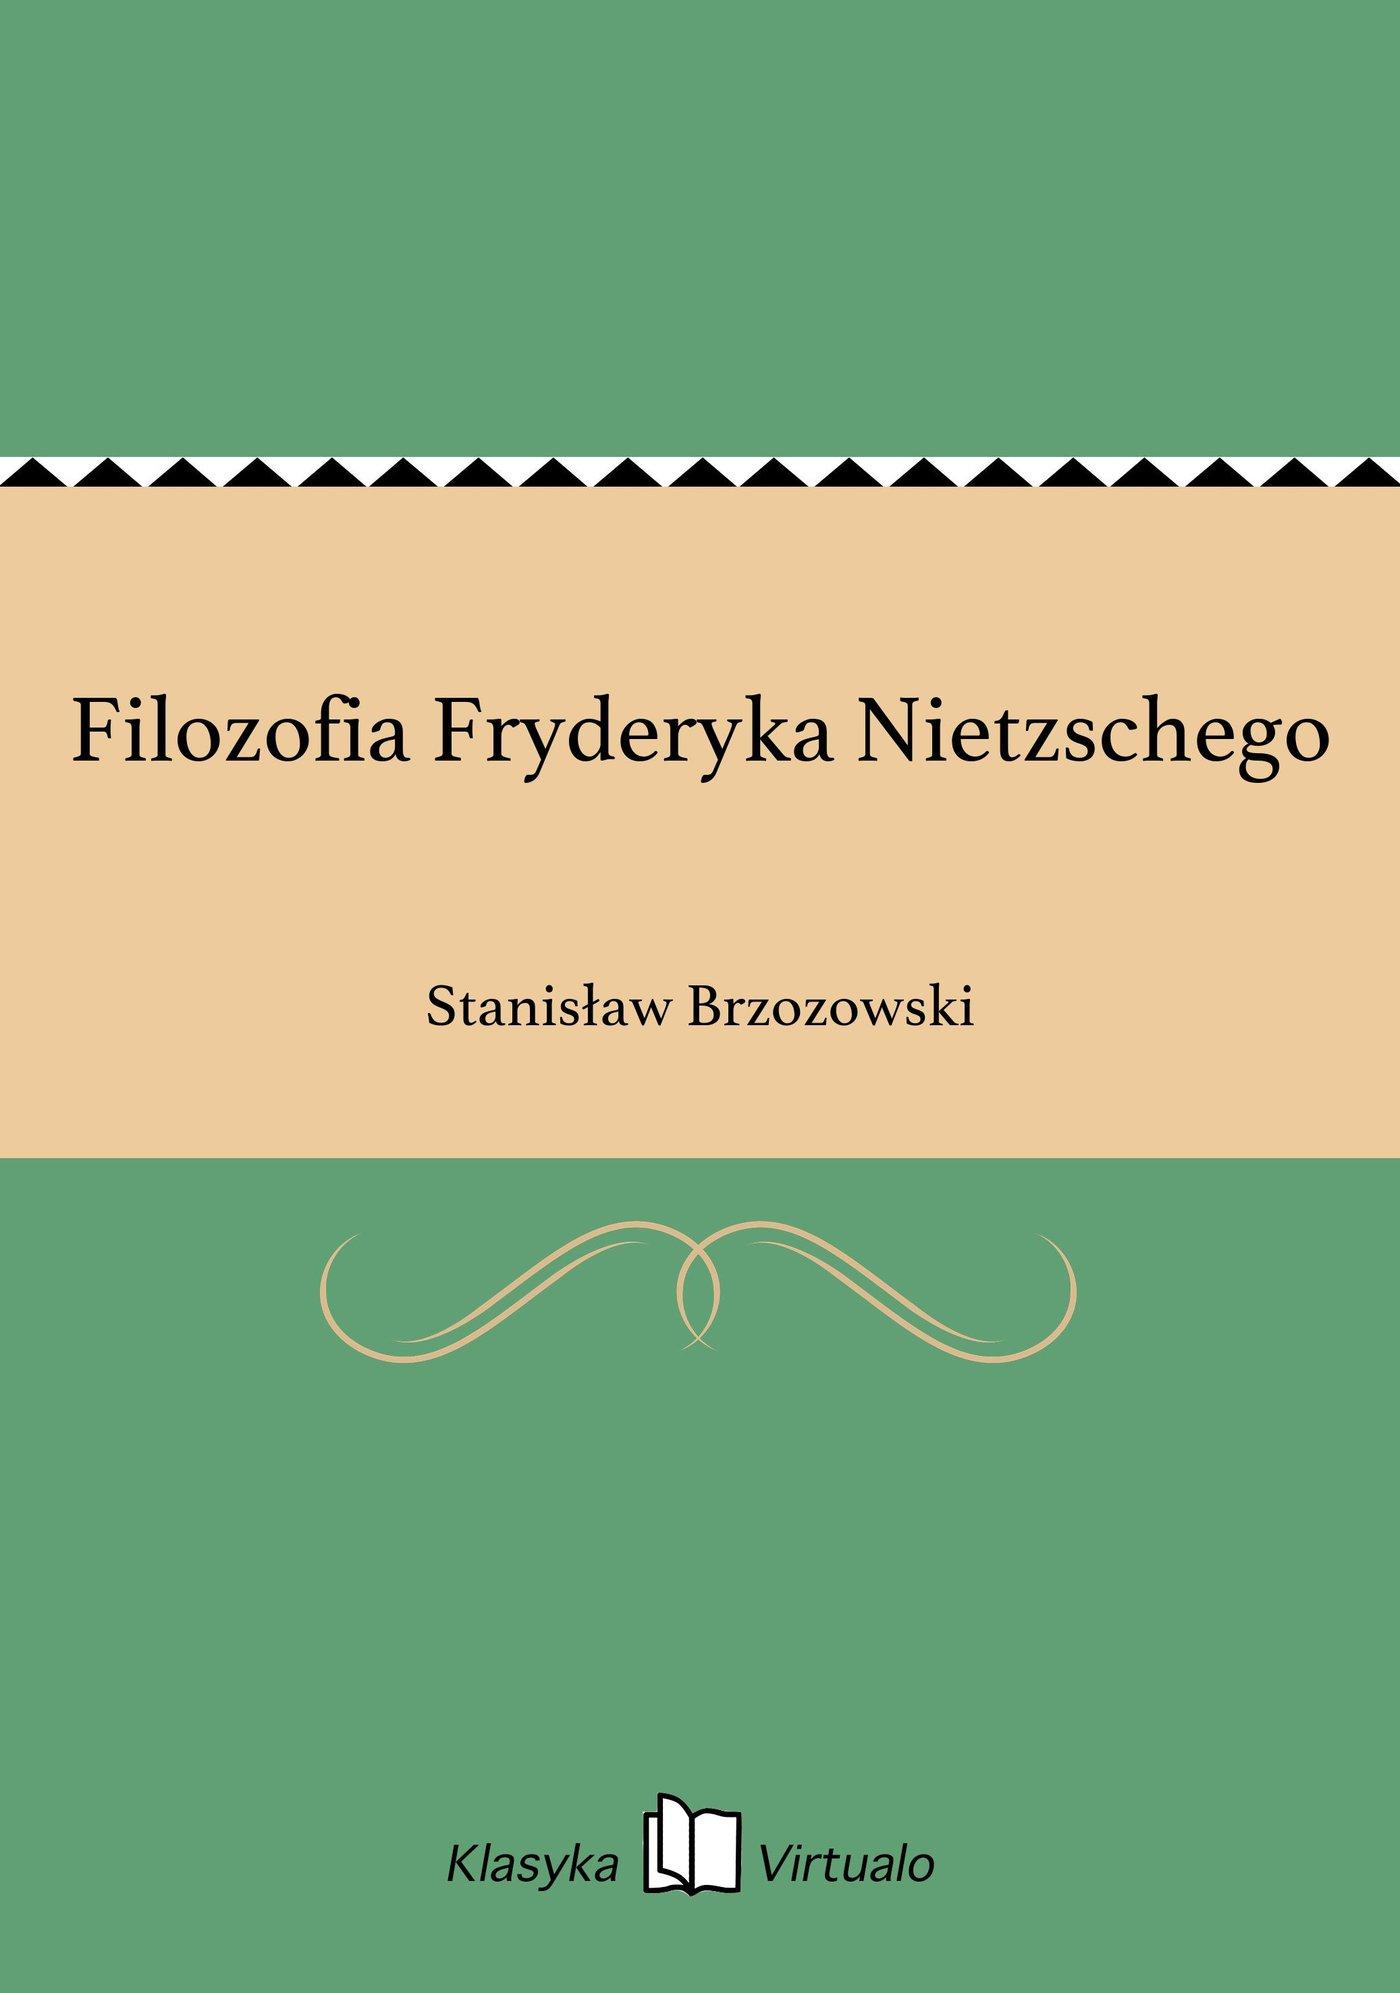 Filozofia Fryderyka Nietzschego - Ebook (Książka na Kindle) do pobrania w formacie MOBI